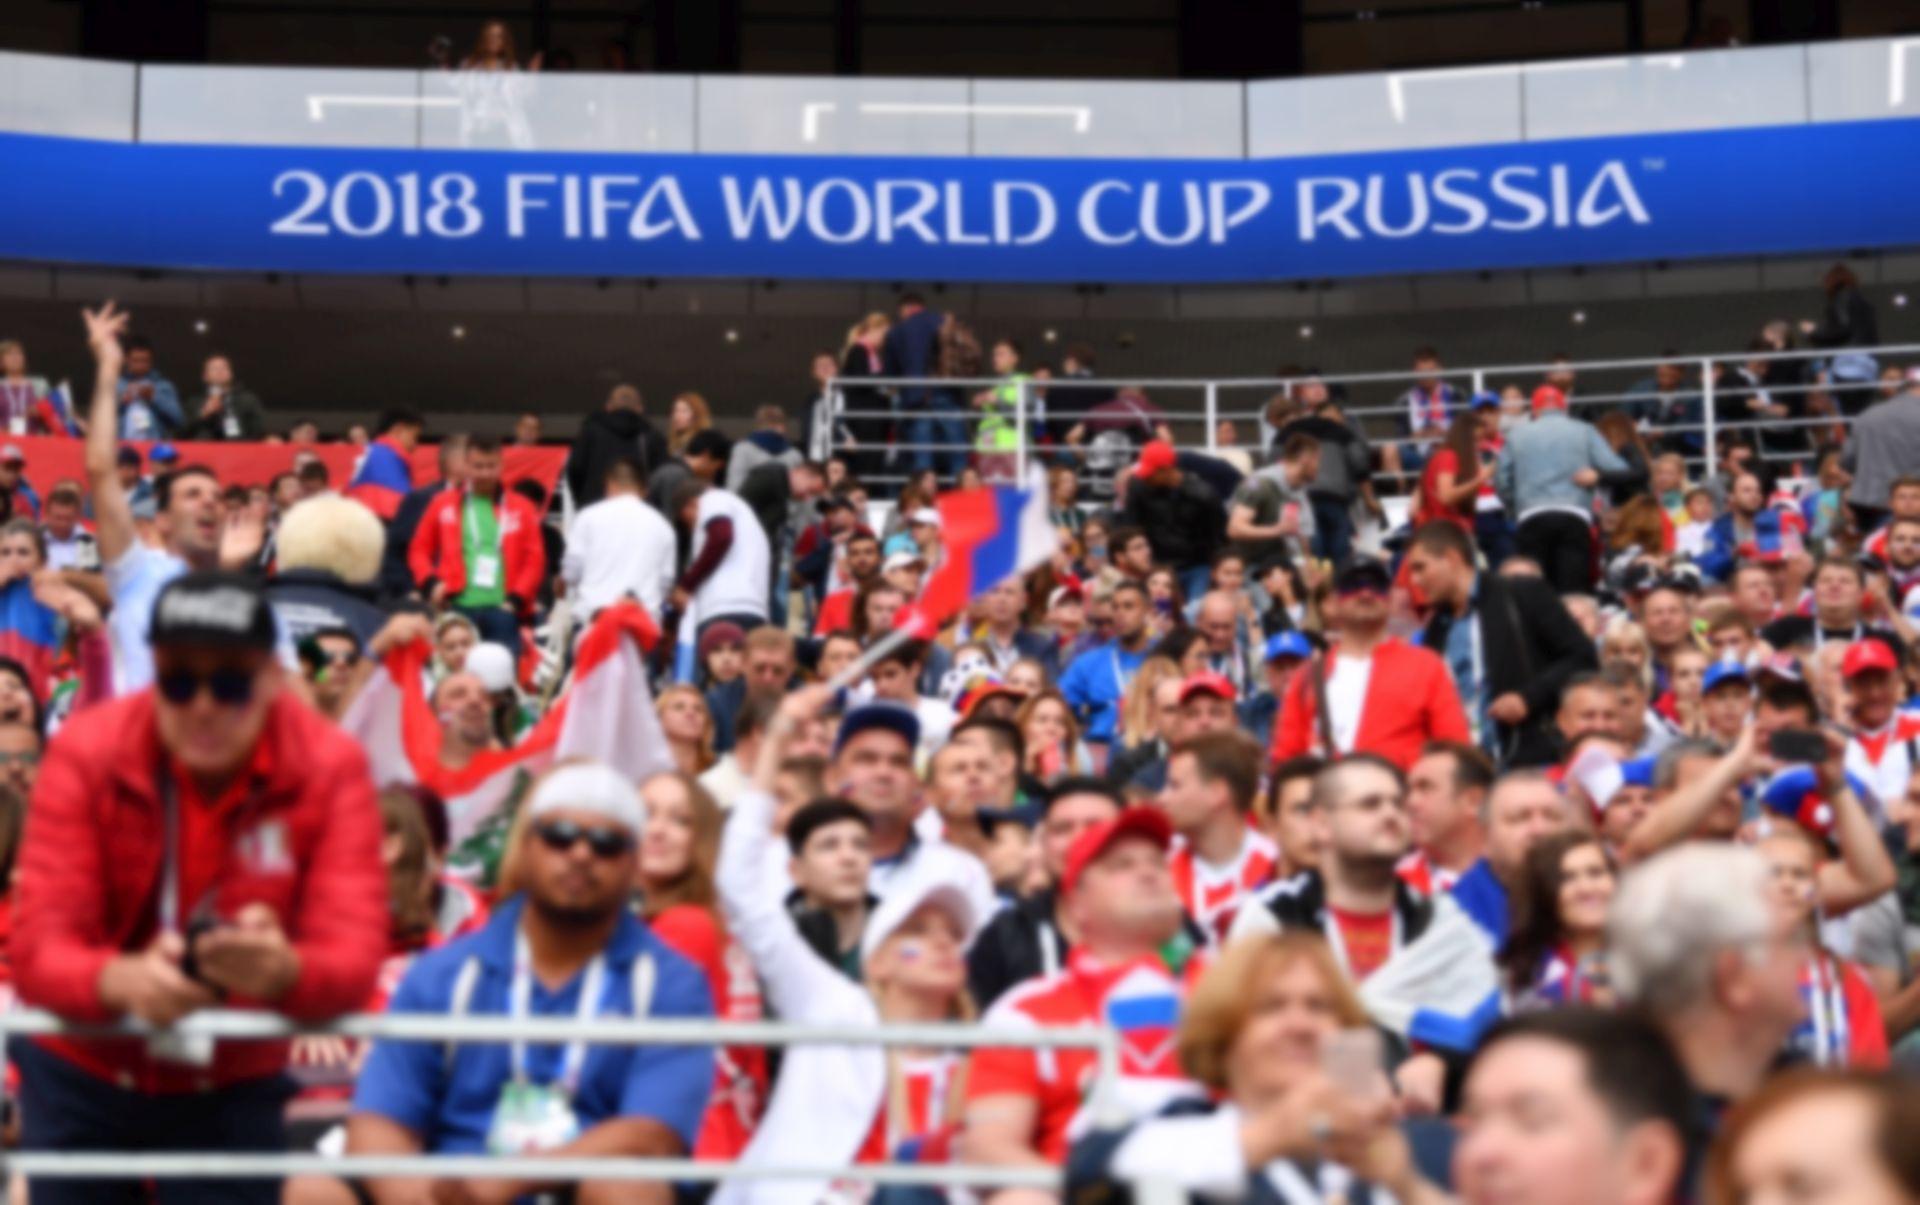 FIFA kaznila Rusiju, Srbiju, Meksiko i Maroko